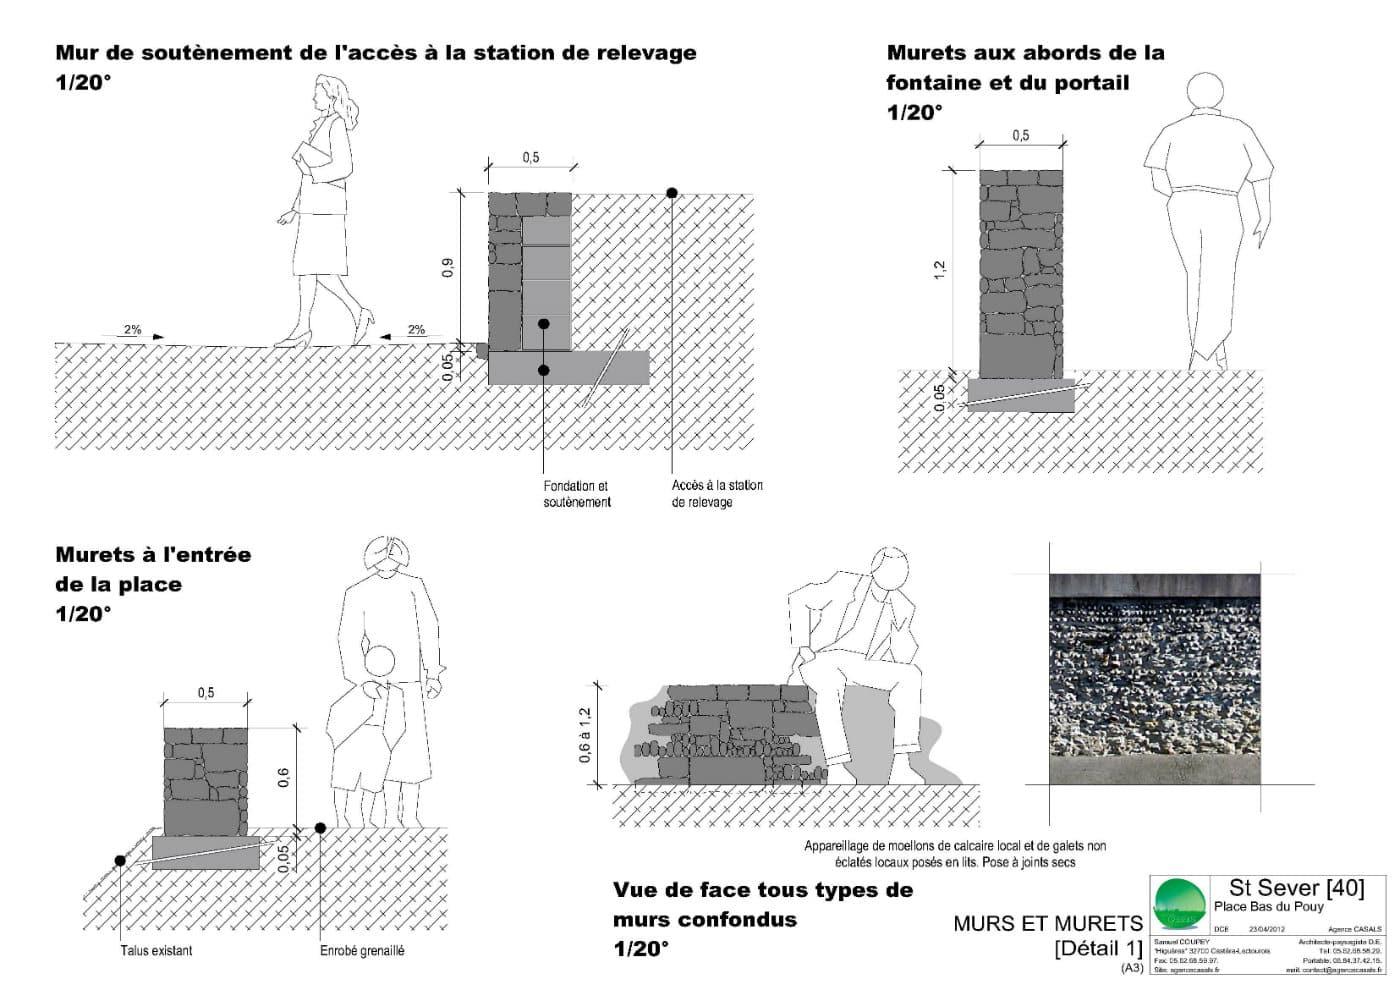 Détails techniques de murs et murets